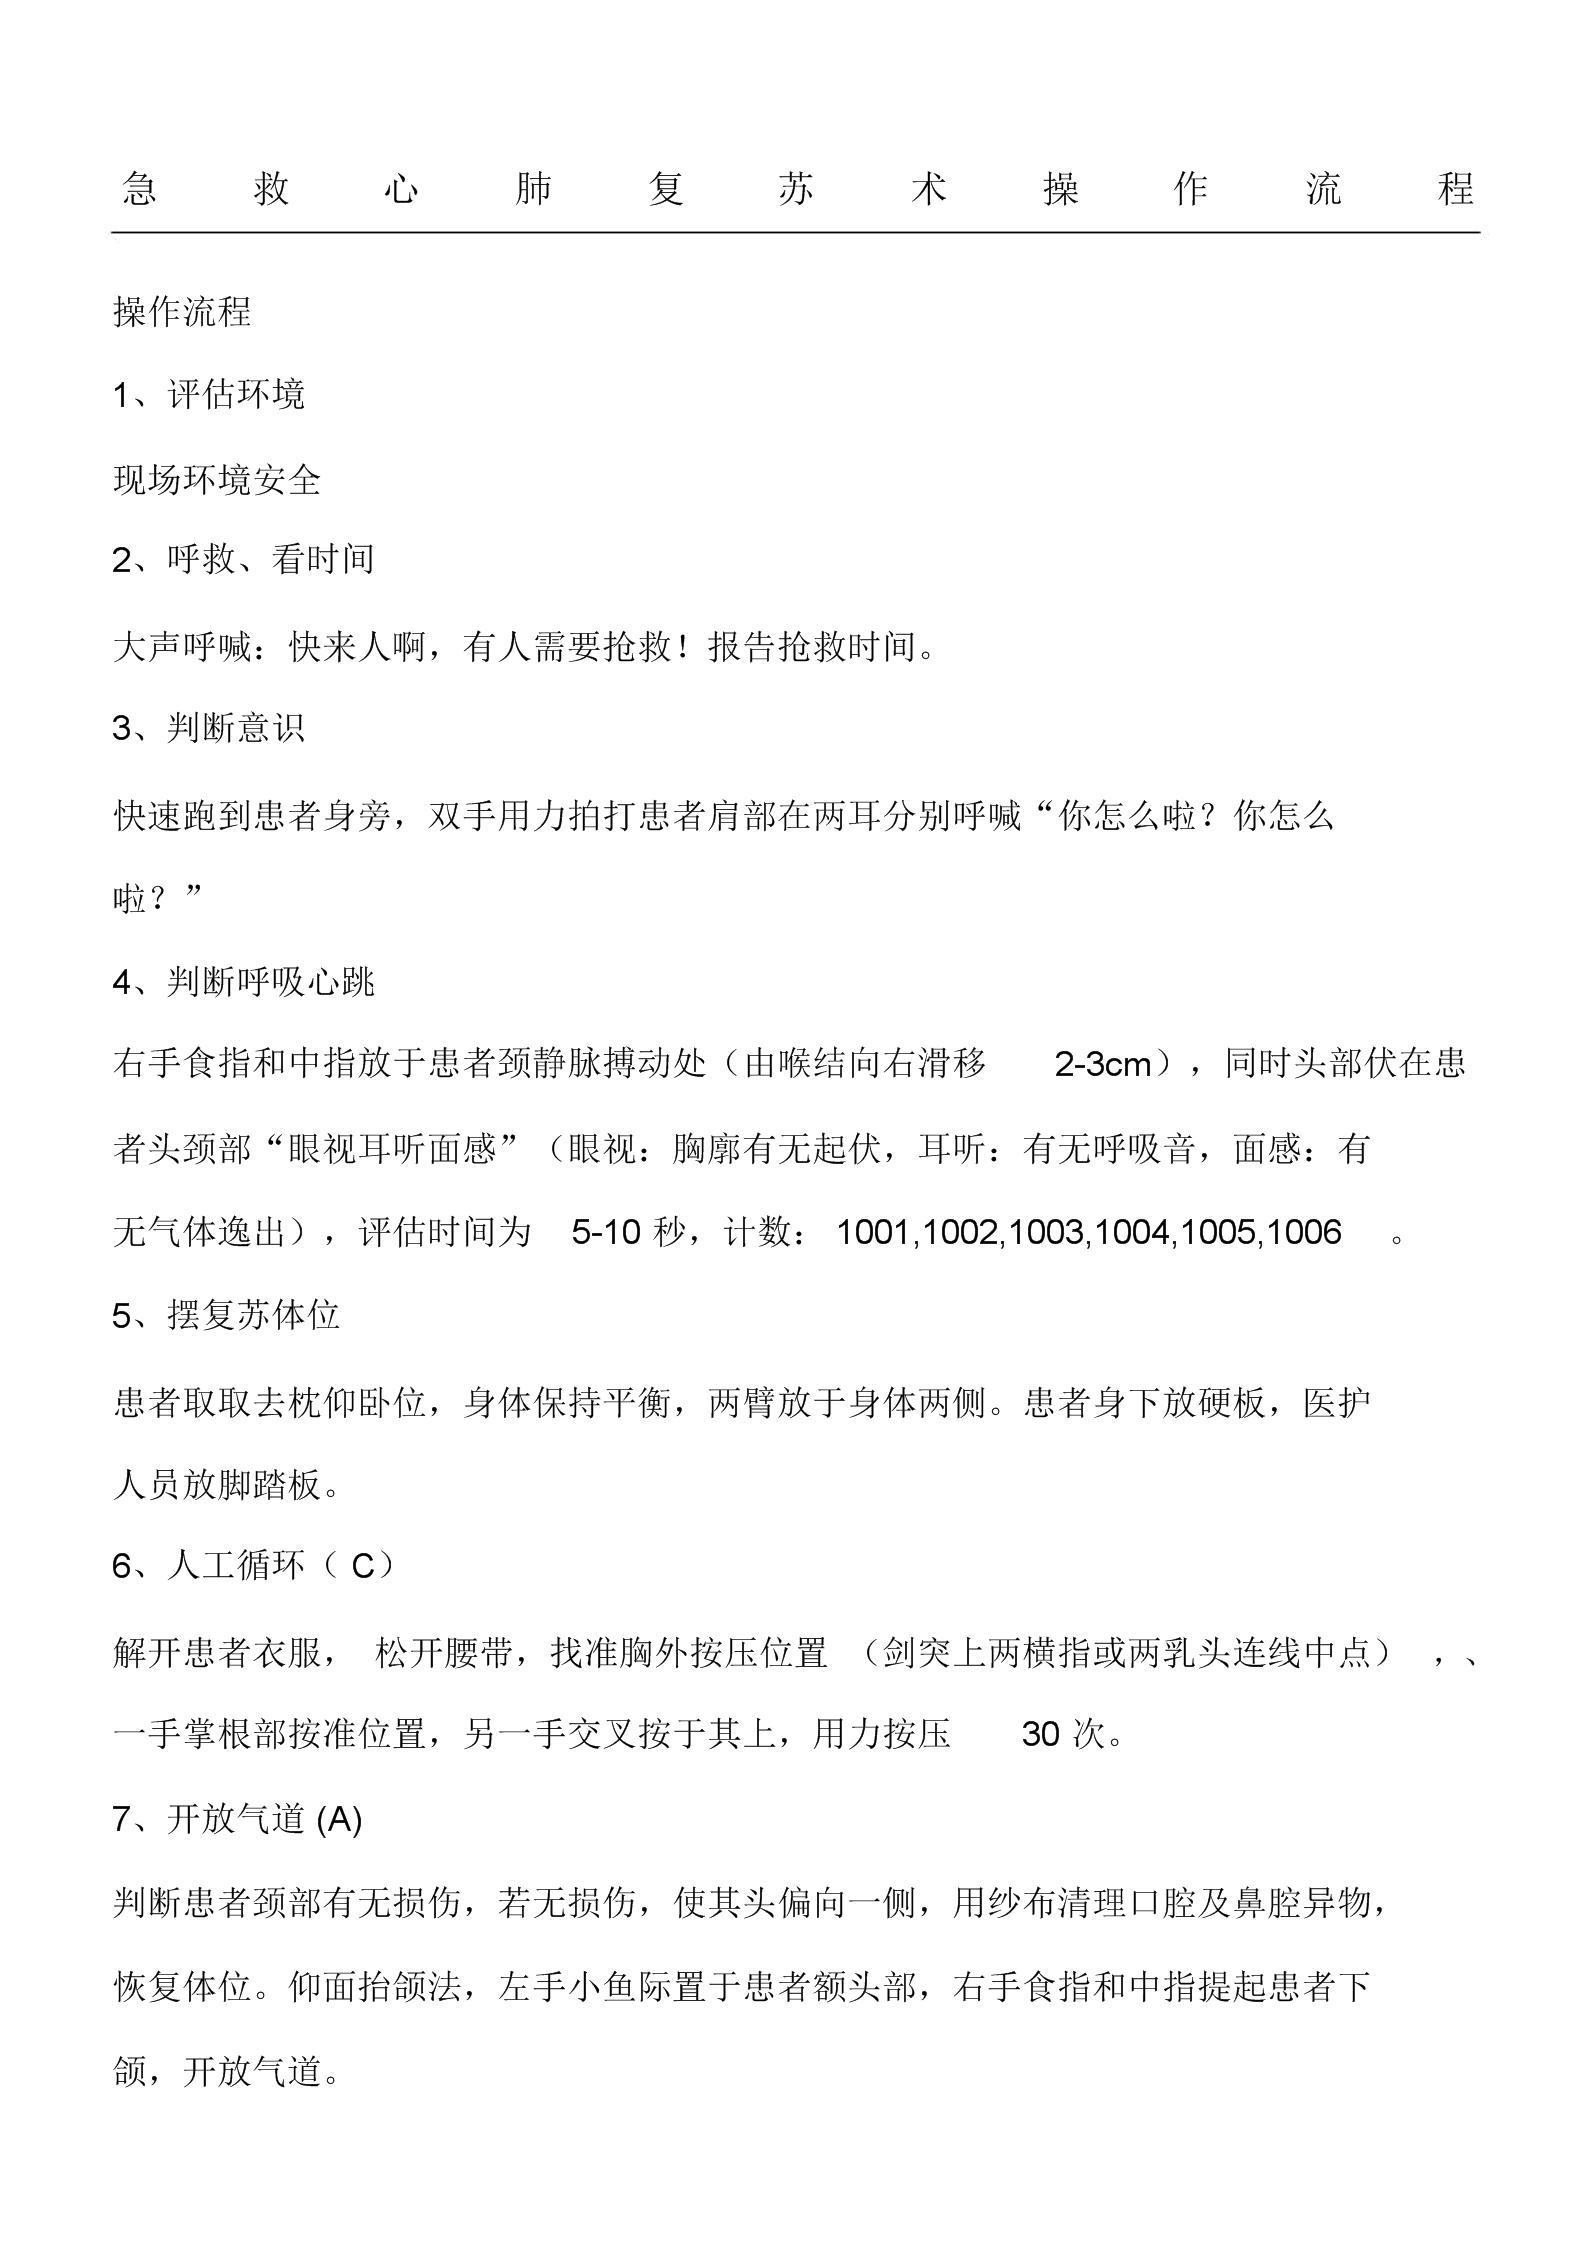 2015心肺复苏术操作规程.docx